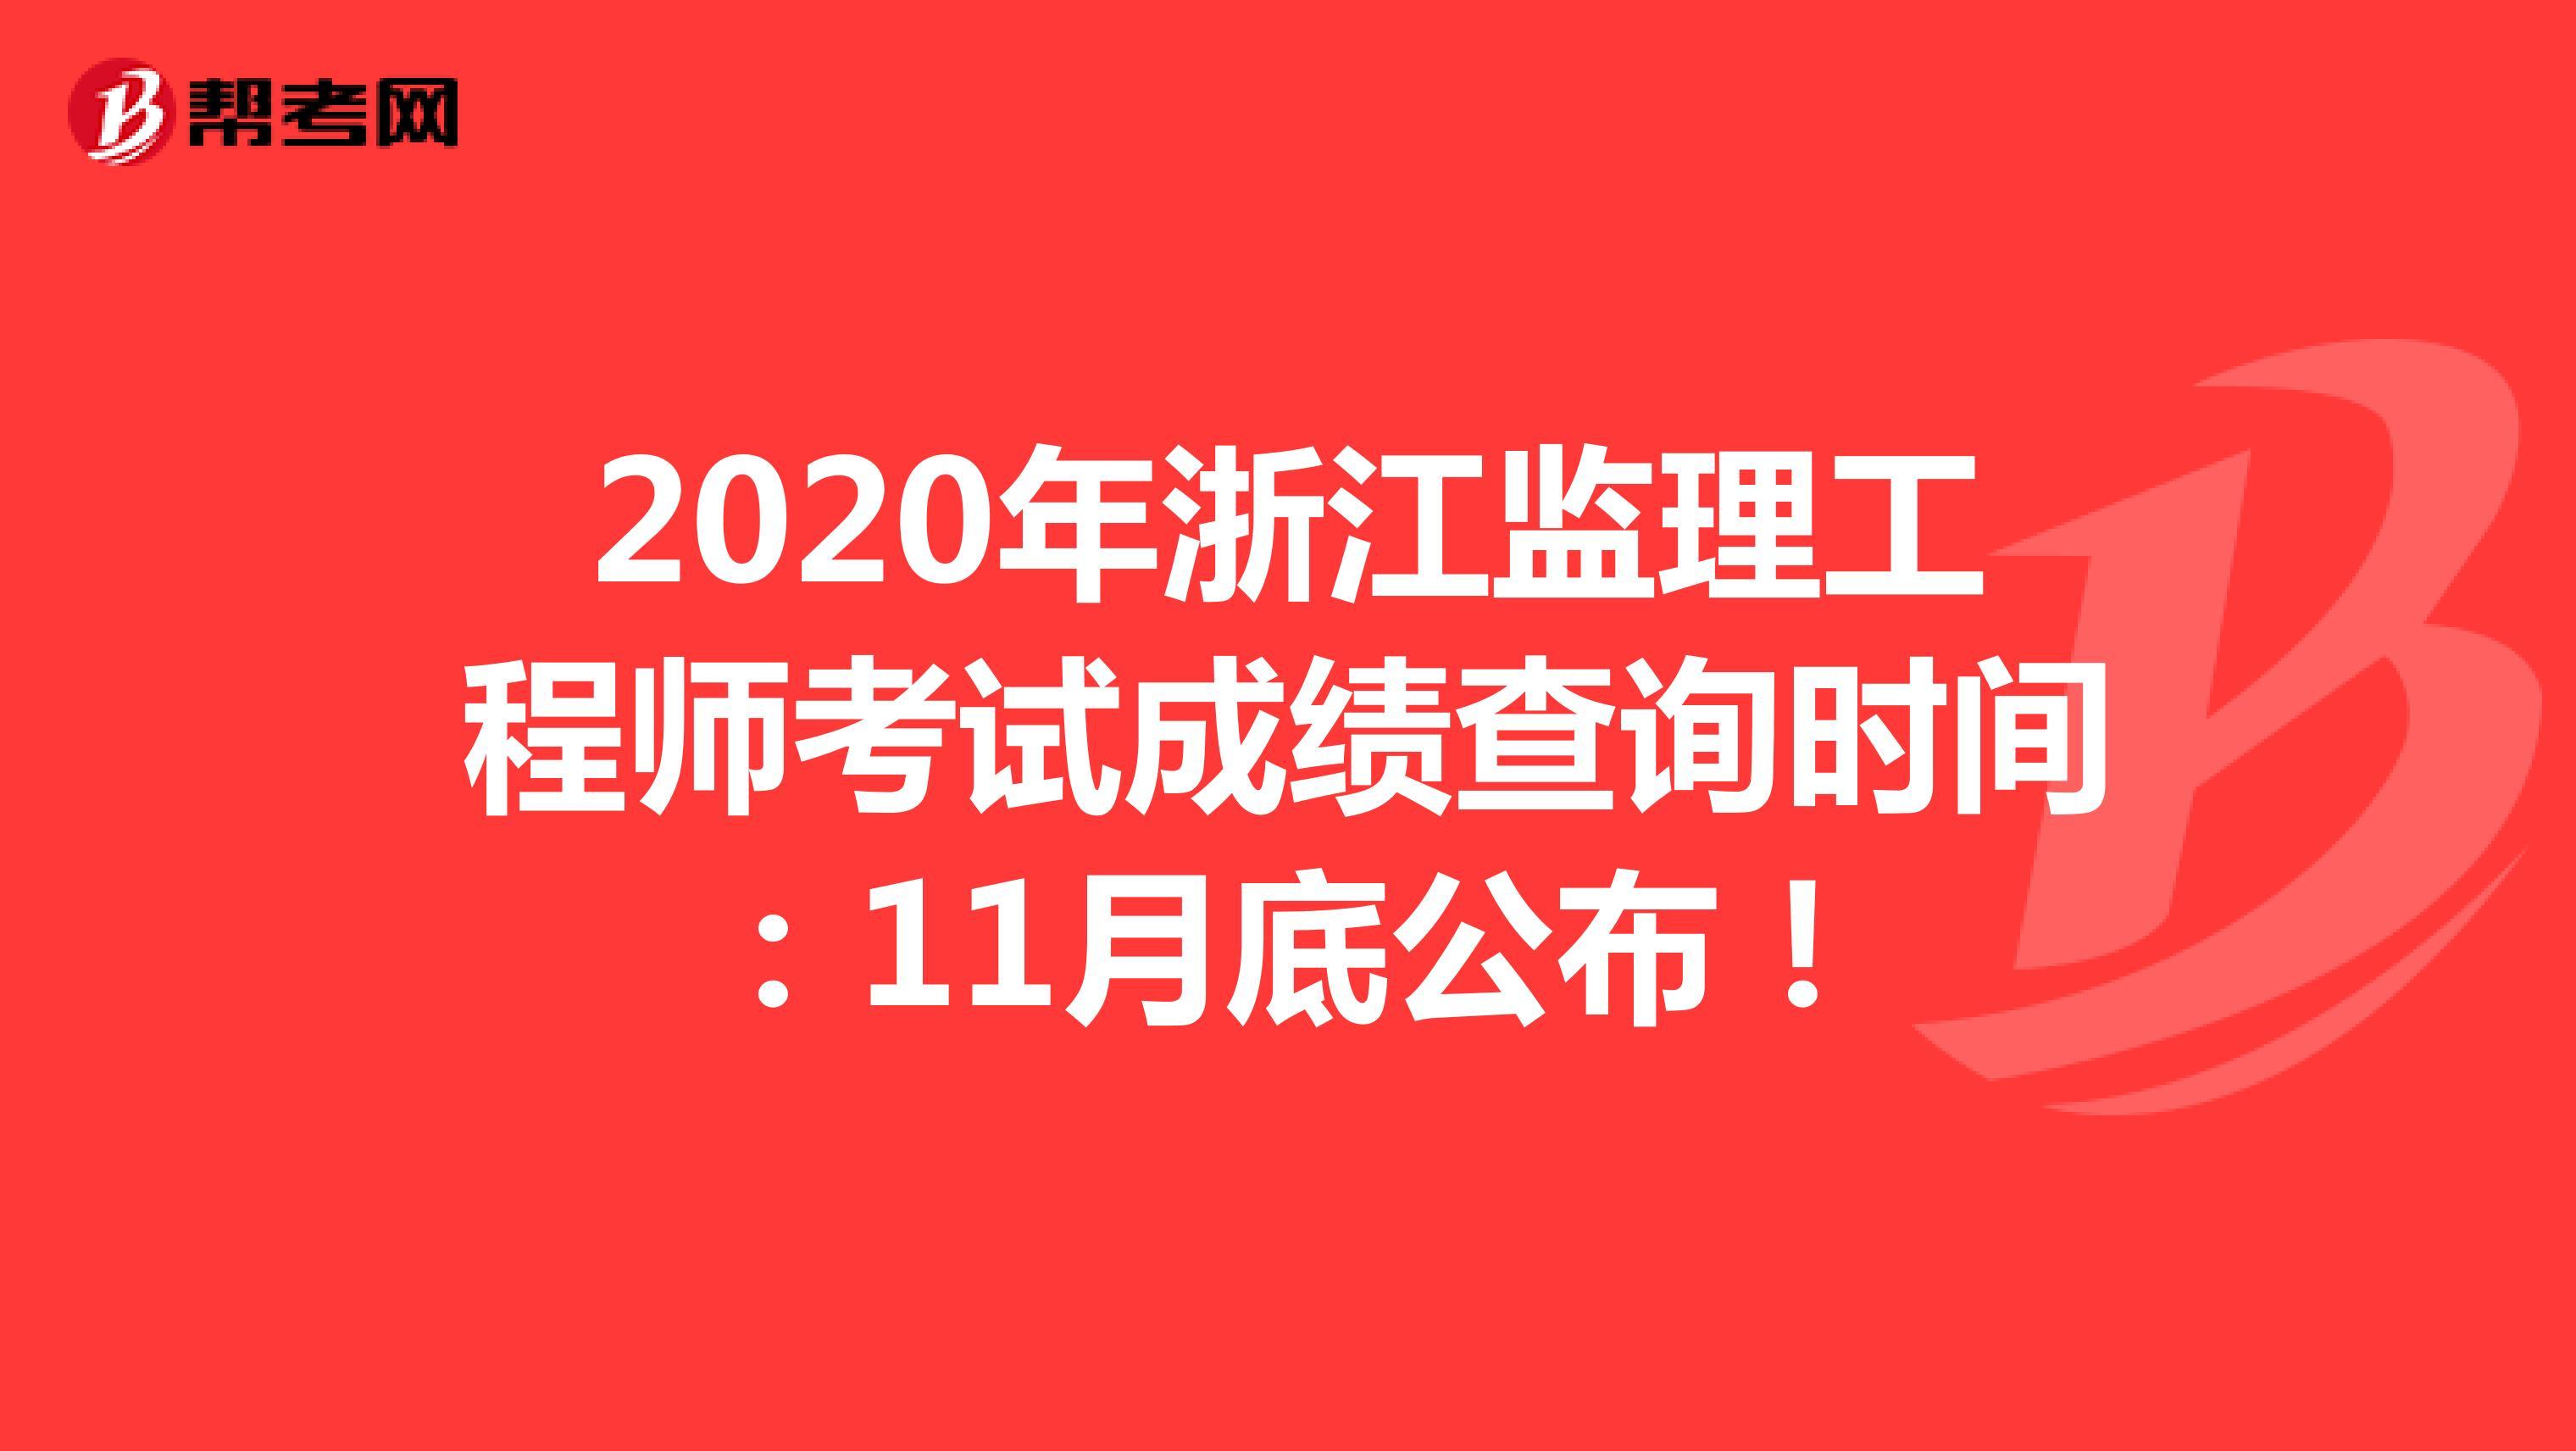 2020年浙江监理工程师考试成绩查询时间:11月底公布!